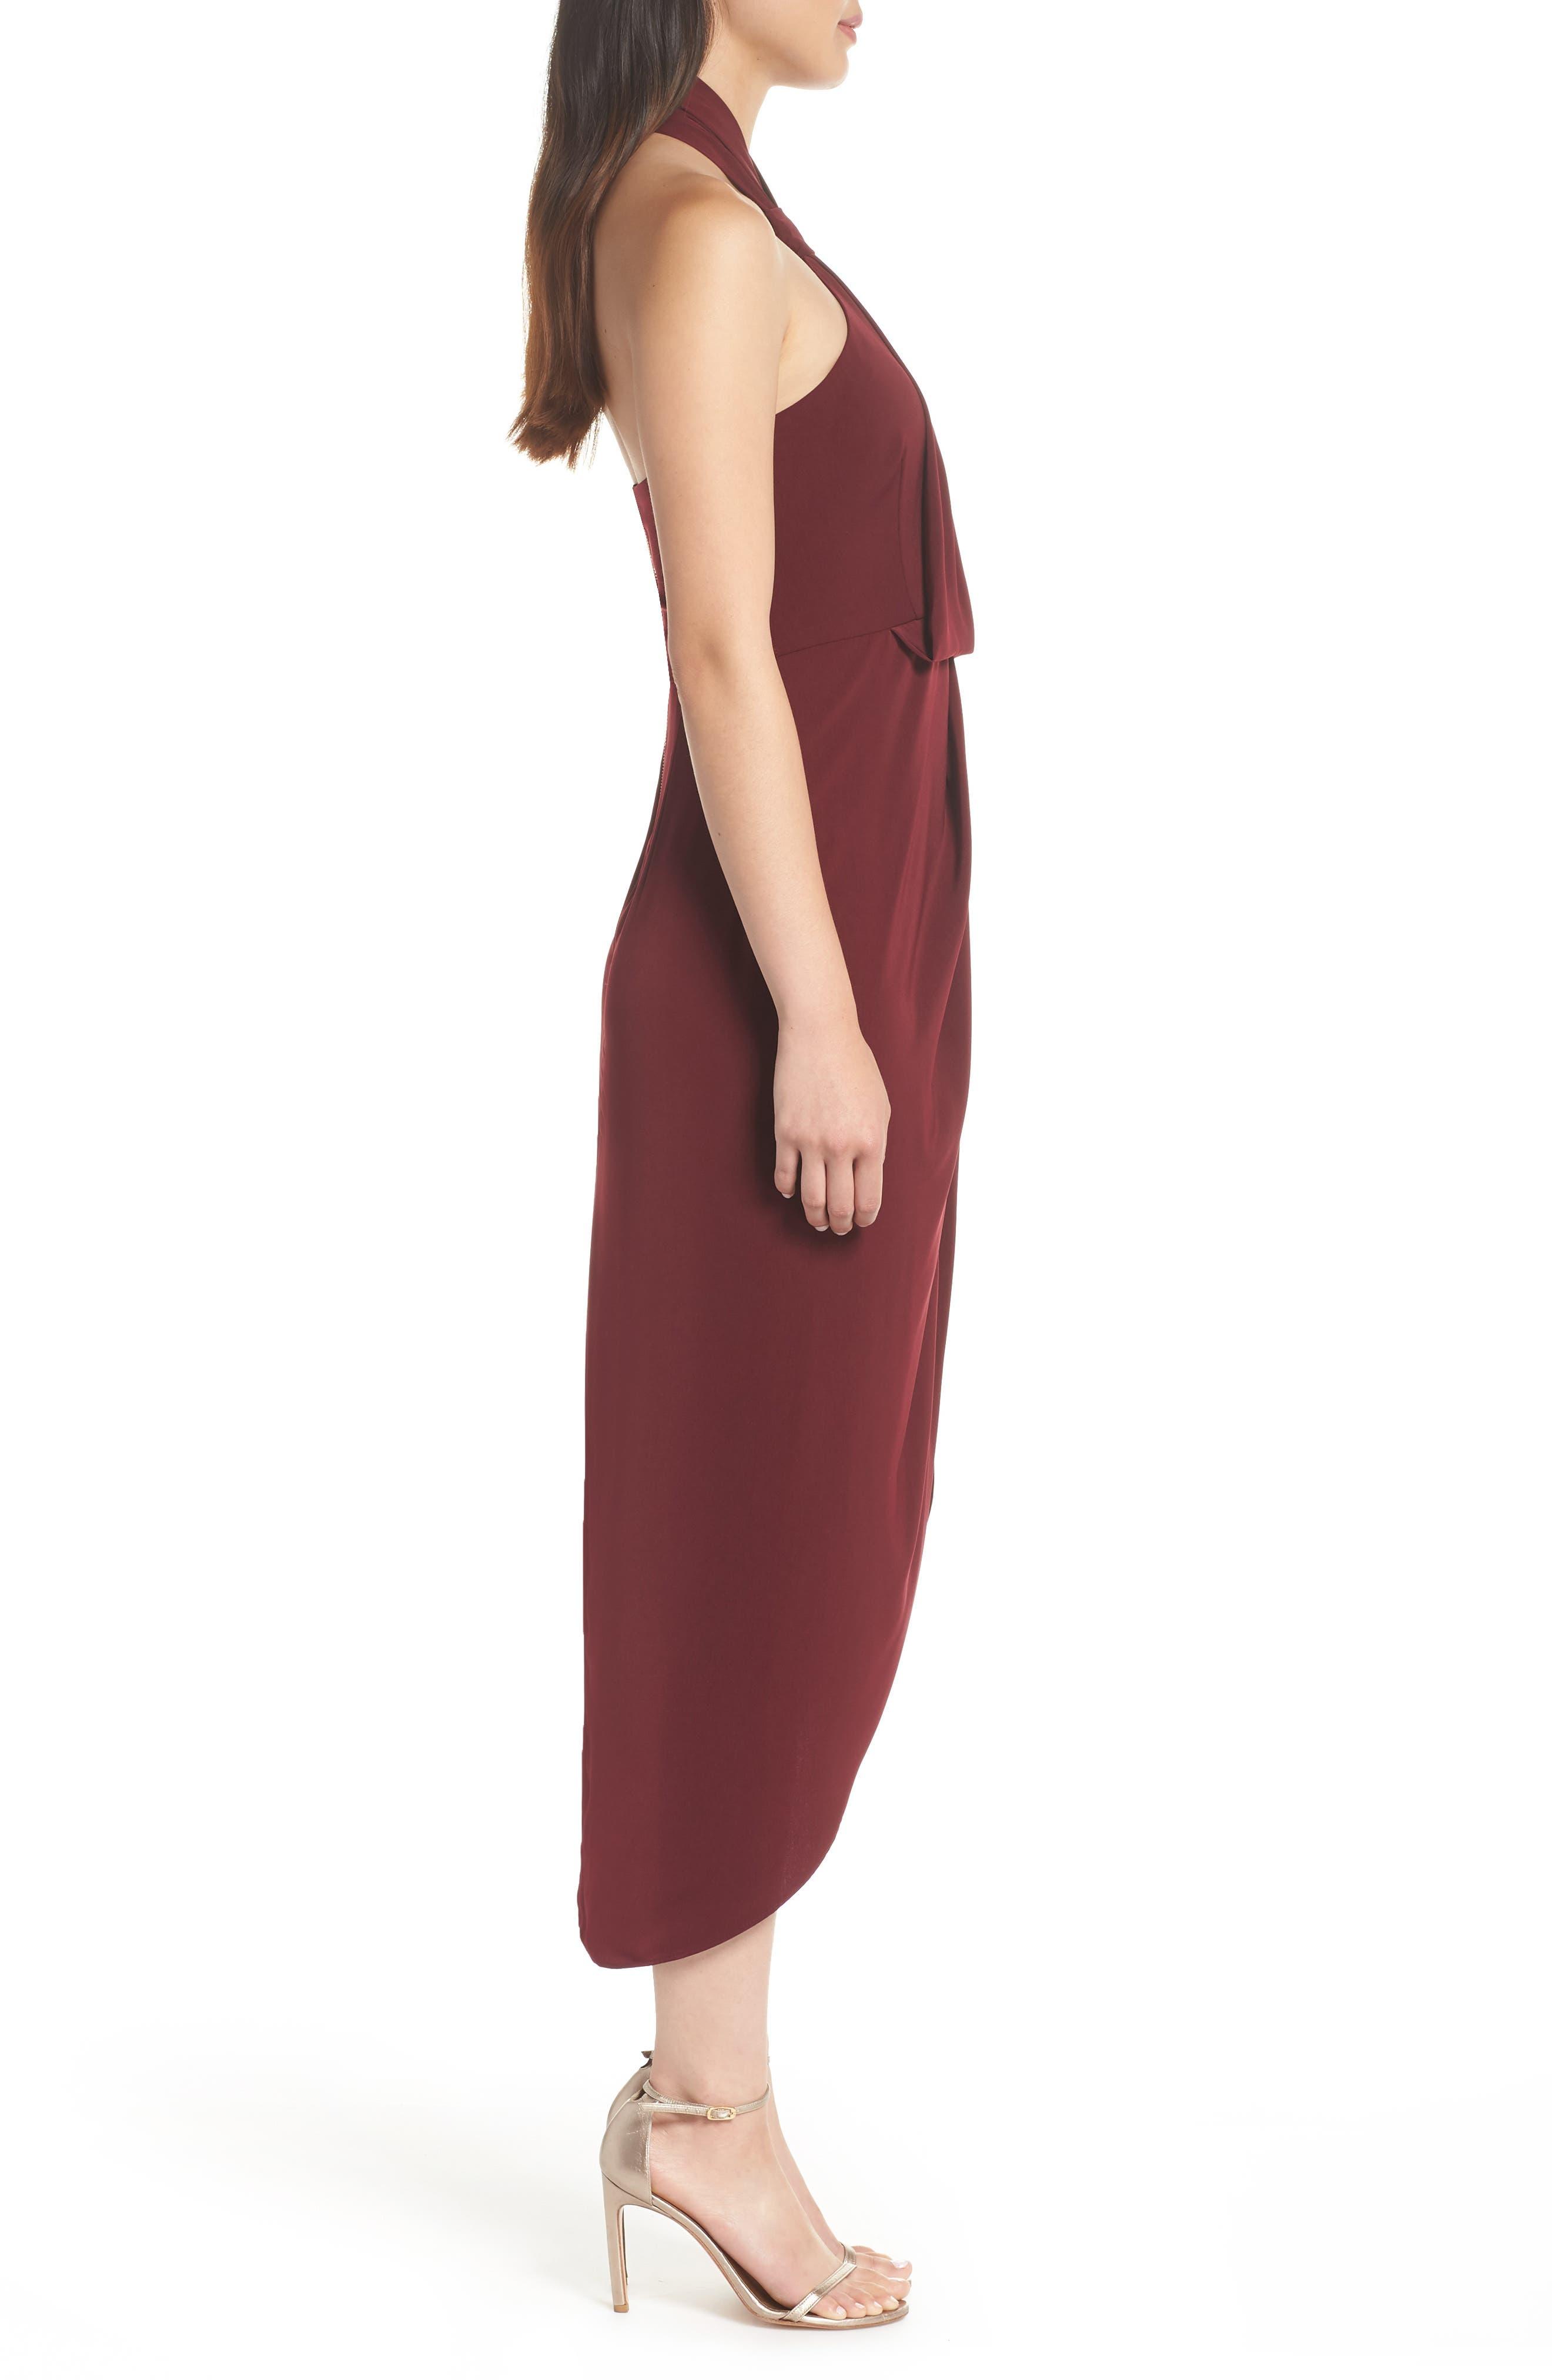 SHONA JOY,                             Knotted Tulip Hem Midi Dress,                             Alternate thumbnail 3, color,                             BURGUNDY